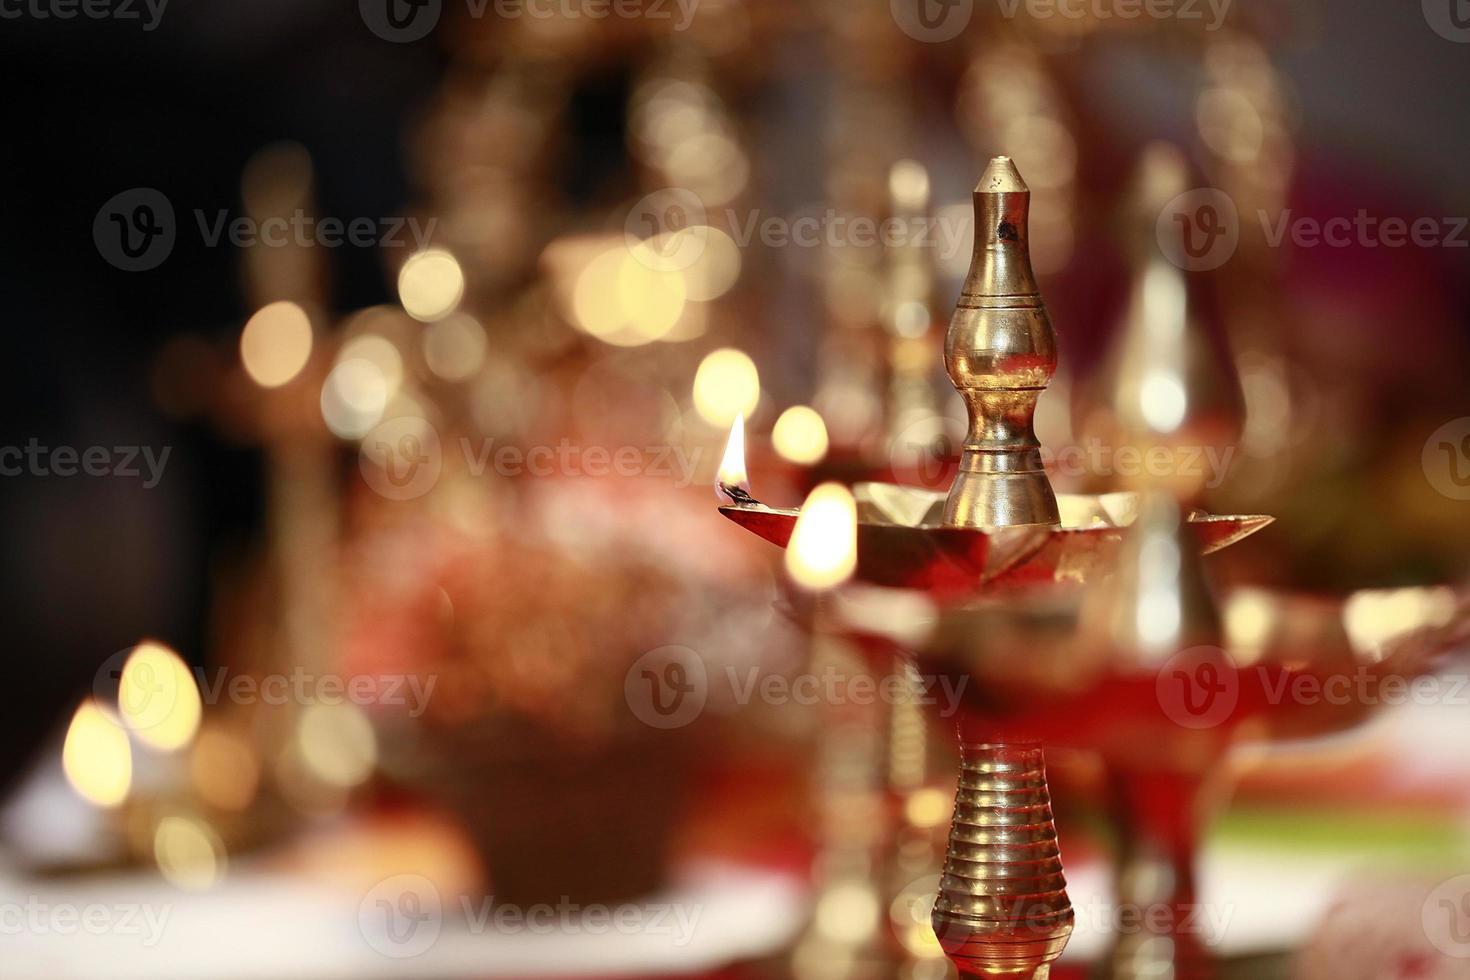 lámpara de aceite tradicional hindú foto